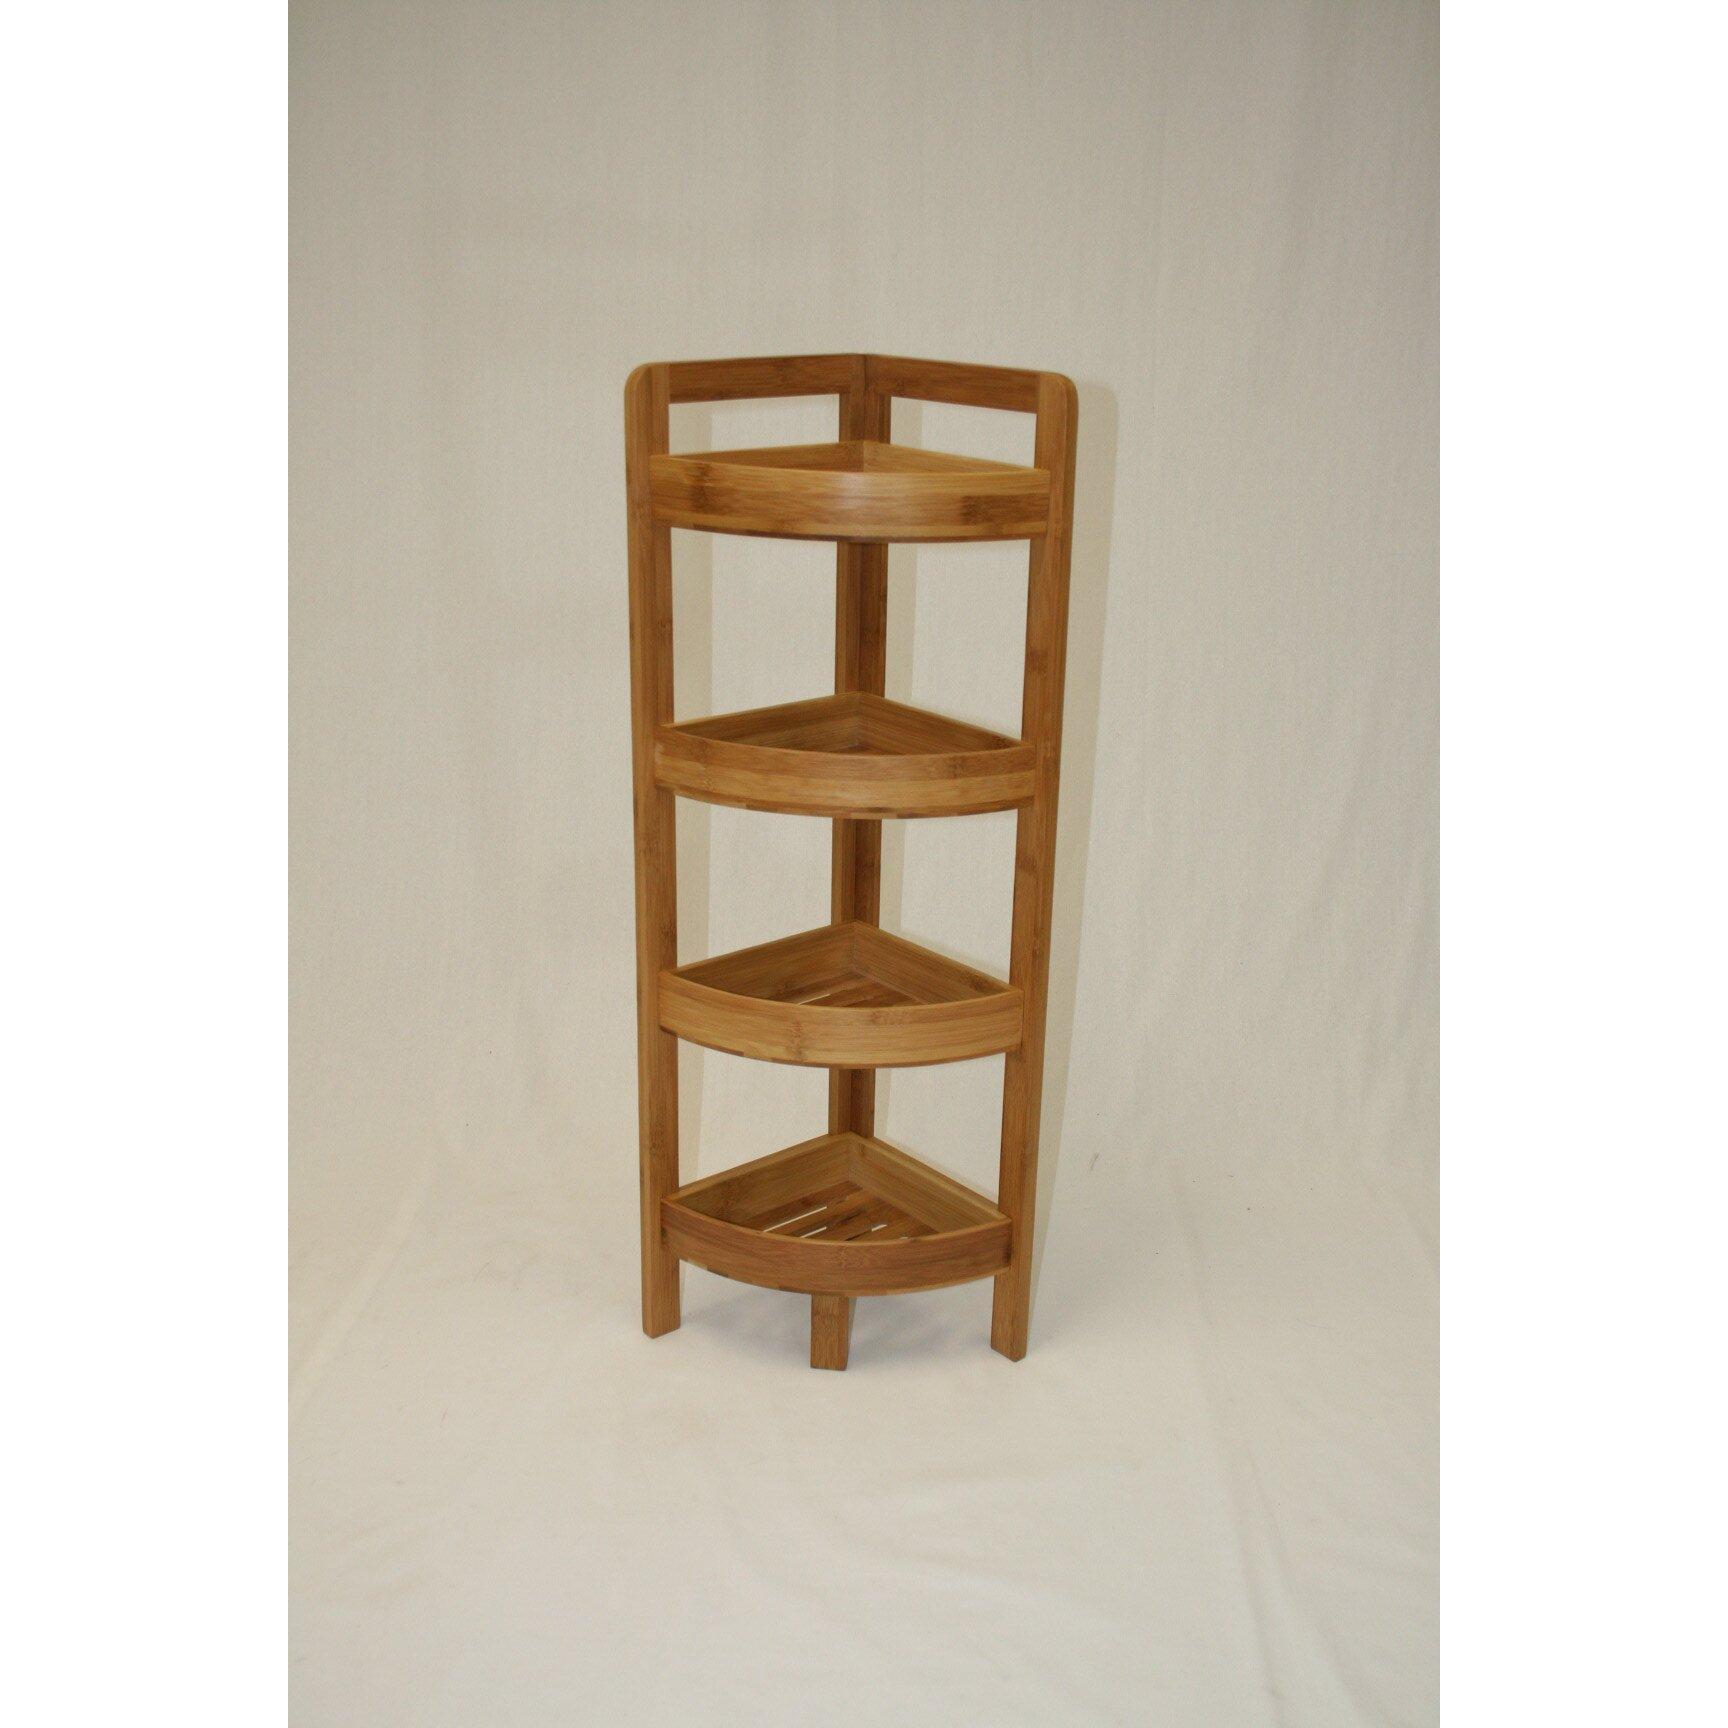 Ehemco 4 Tier Bamboo Corner Shelf Amp Reviews Wayfair Ca